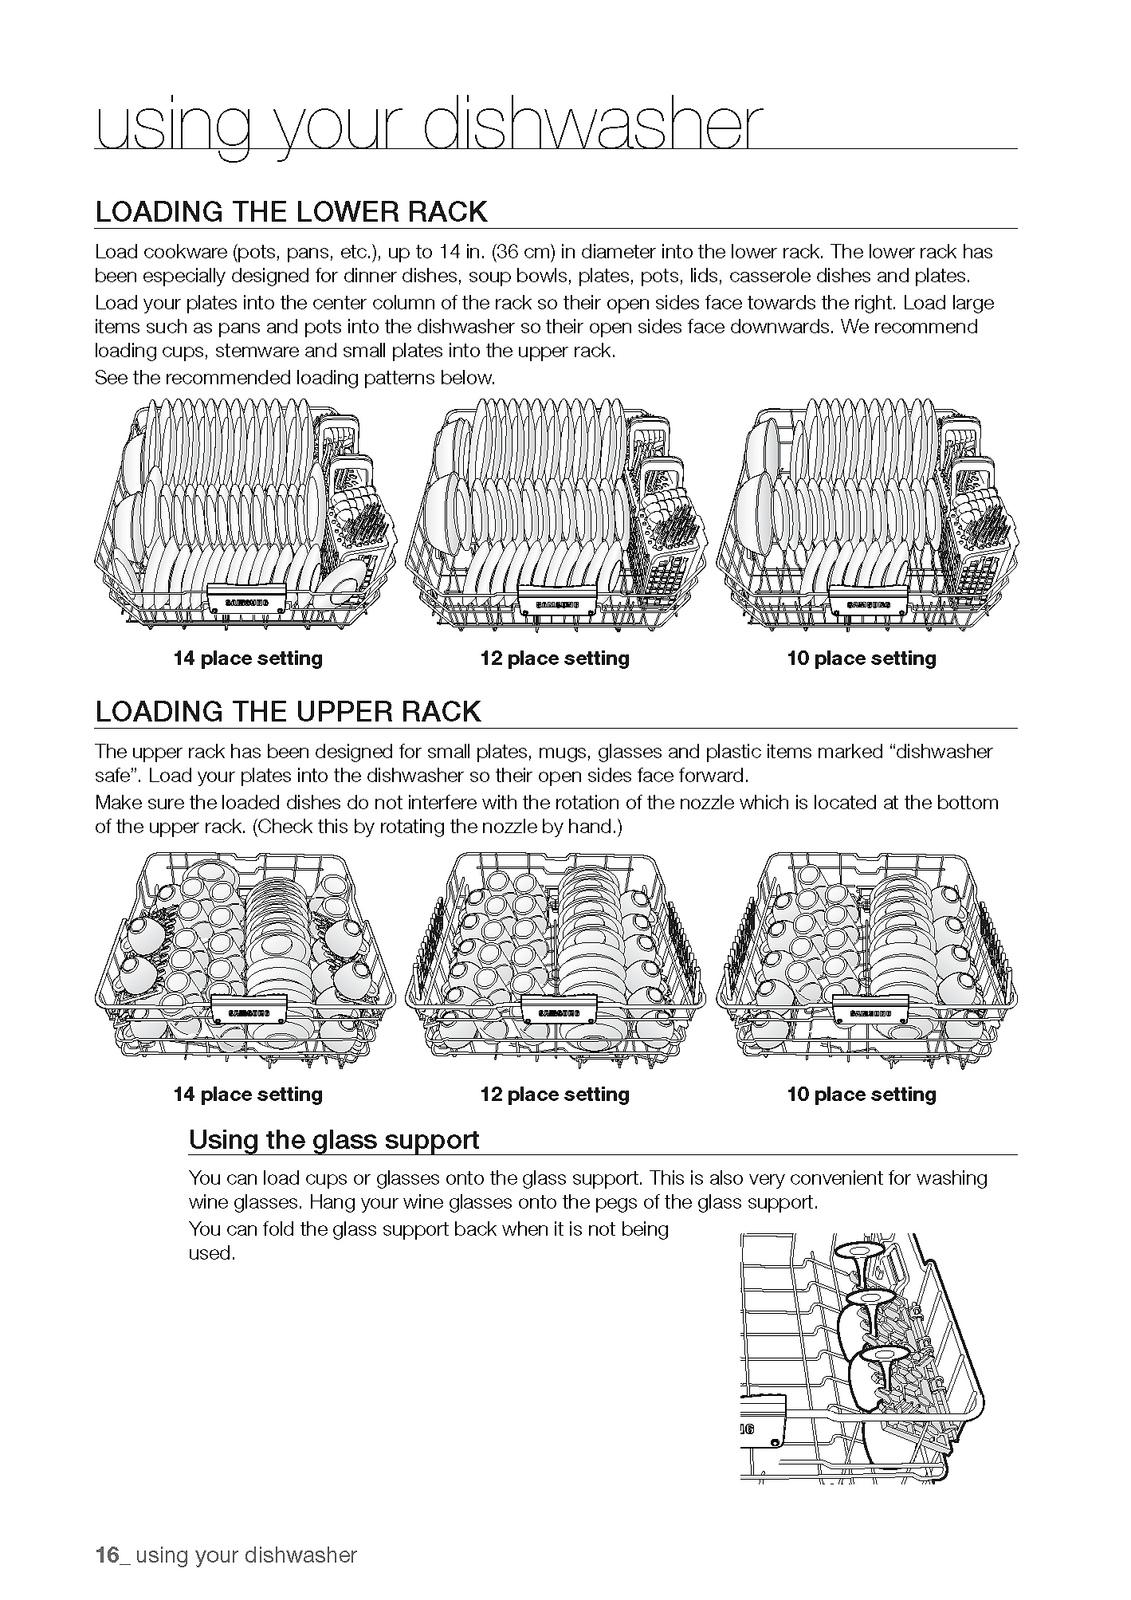 Comment remplir lave vaisselle 04 la boite verte - Comment detartrer lave vaisselle ...